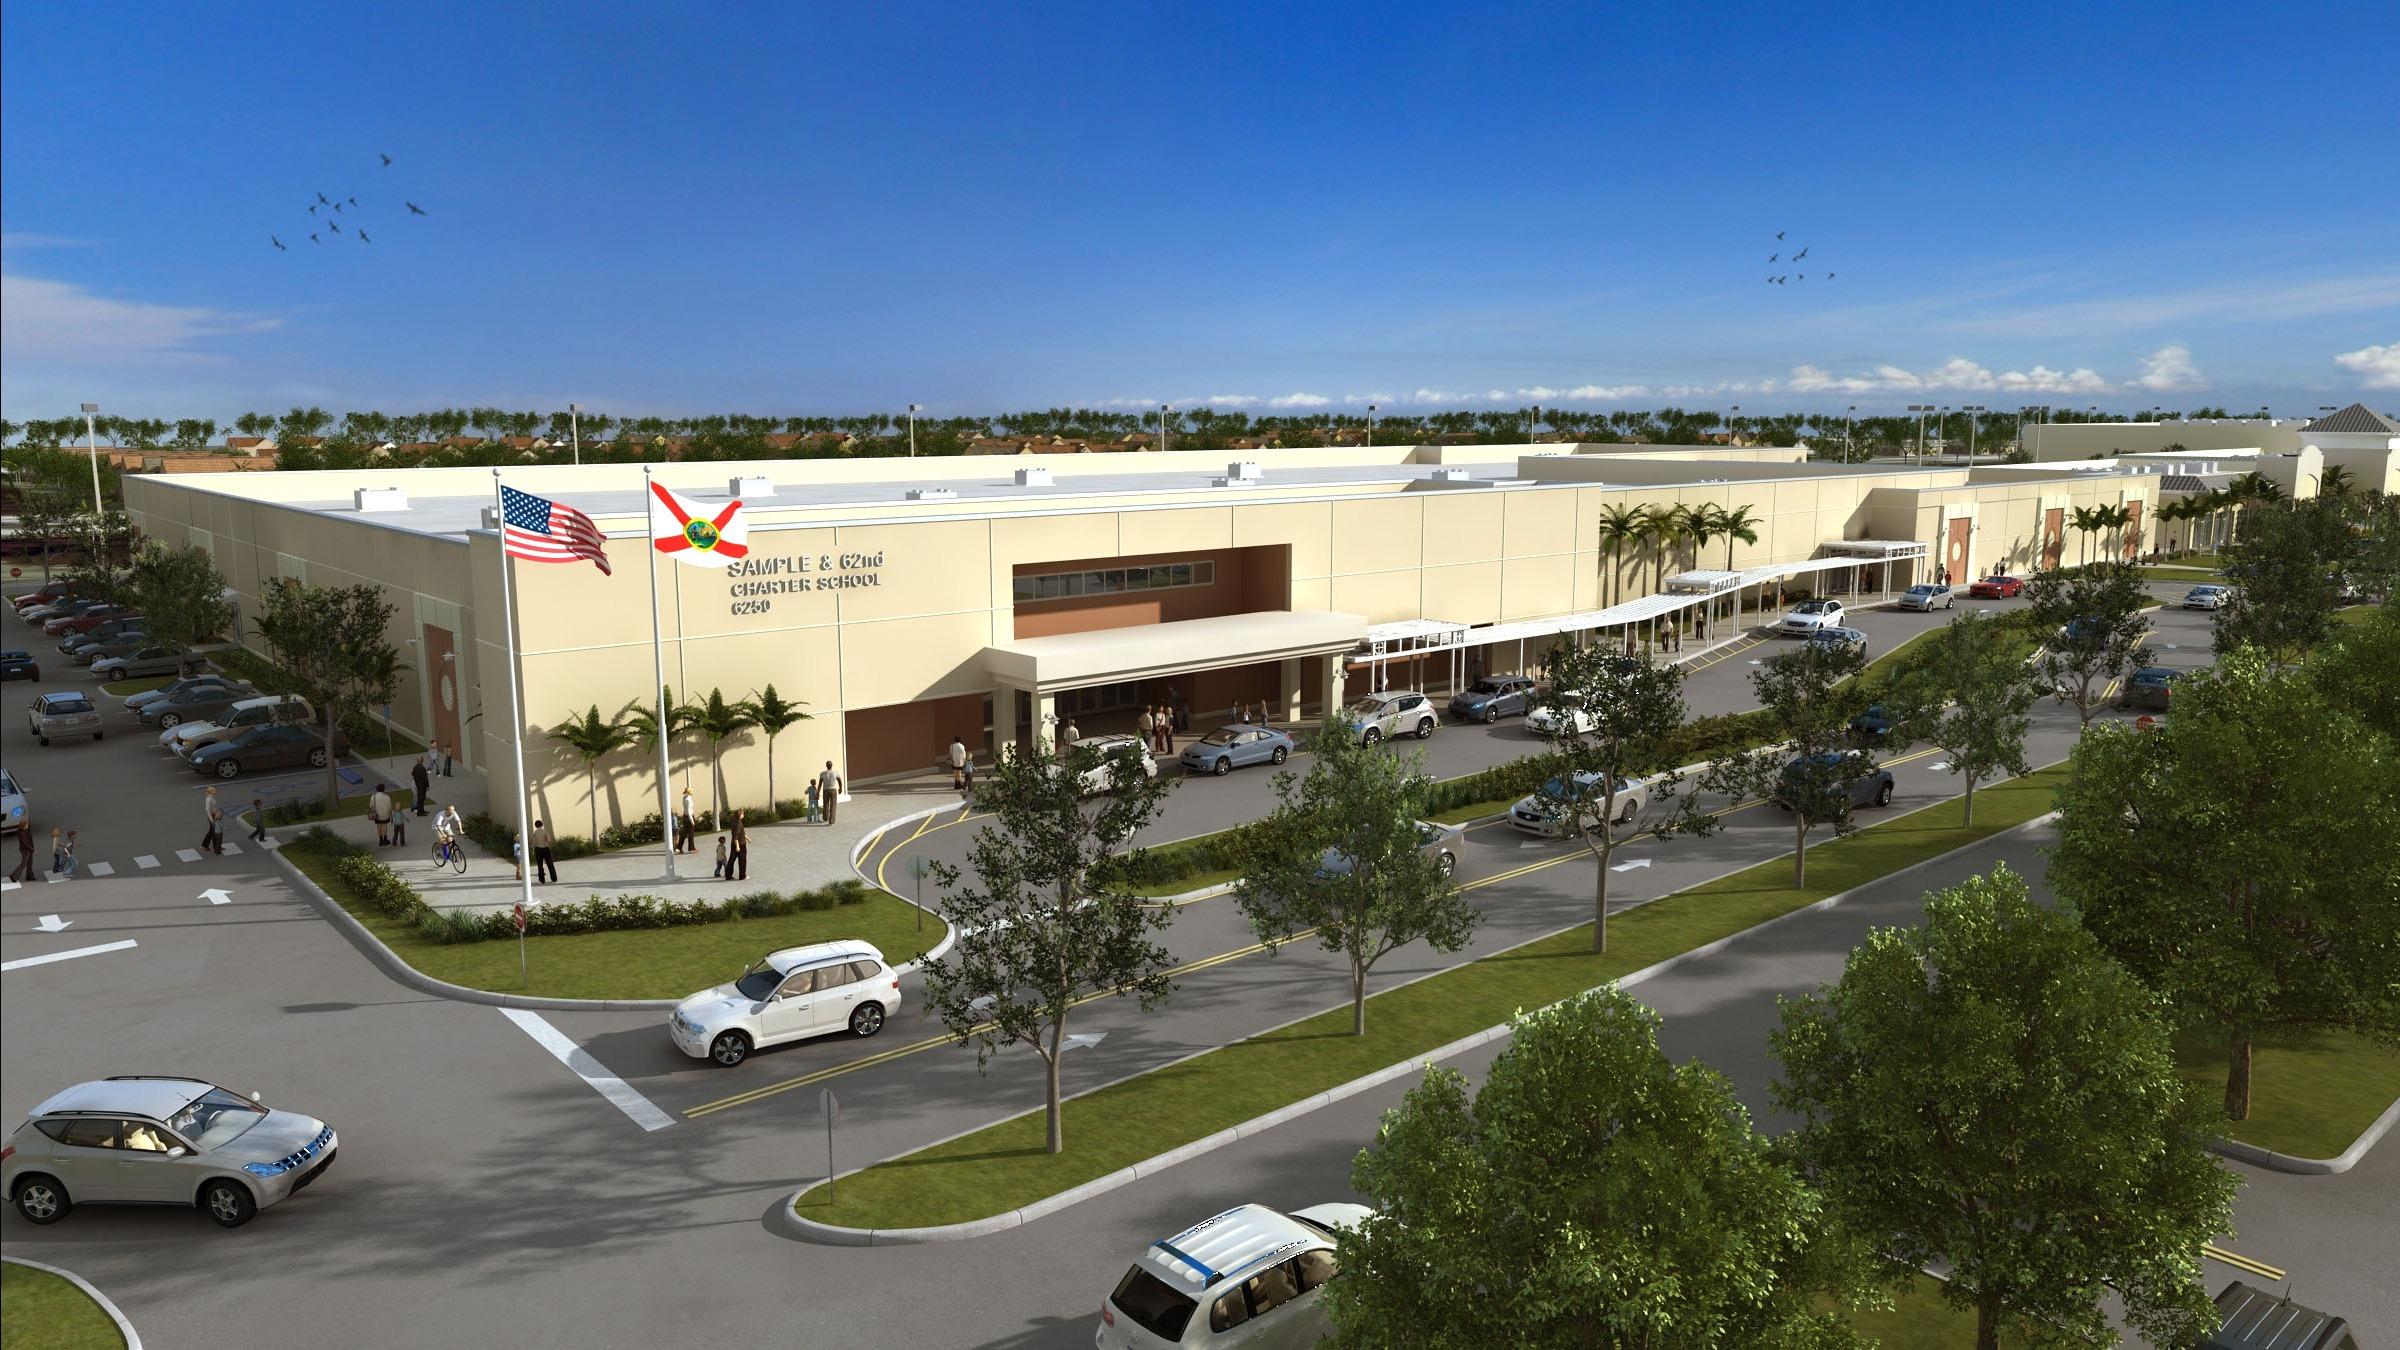 Dự Án Xây Dựng Trường Bán Công Florida Giai Đoạn 7 Chính Thức Tiếp Nhận Nhà Đầu Tư EB5